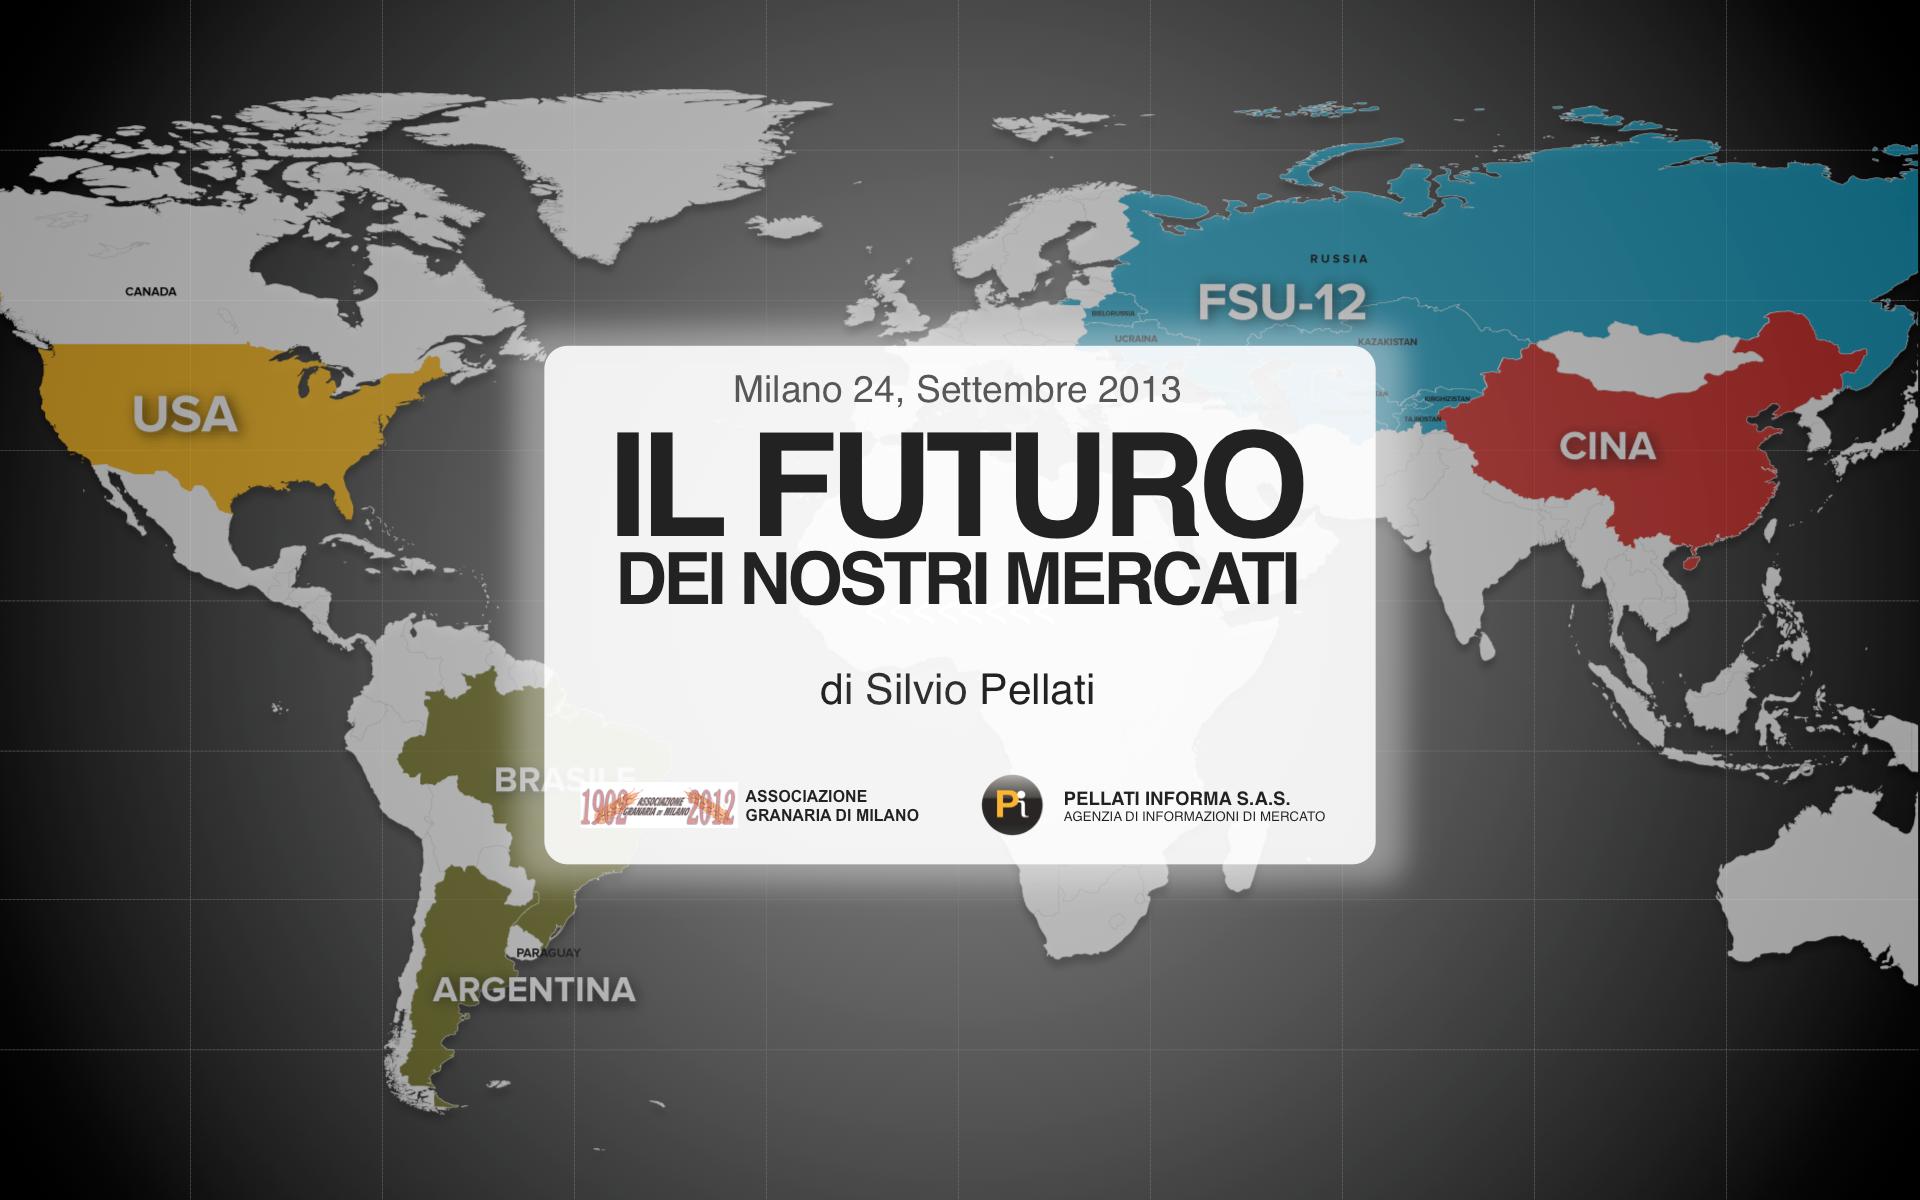 Il-futuro-dei-nostri-Mercati-di-SILVIO-PELLATI